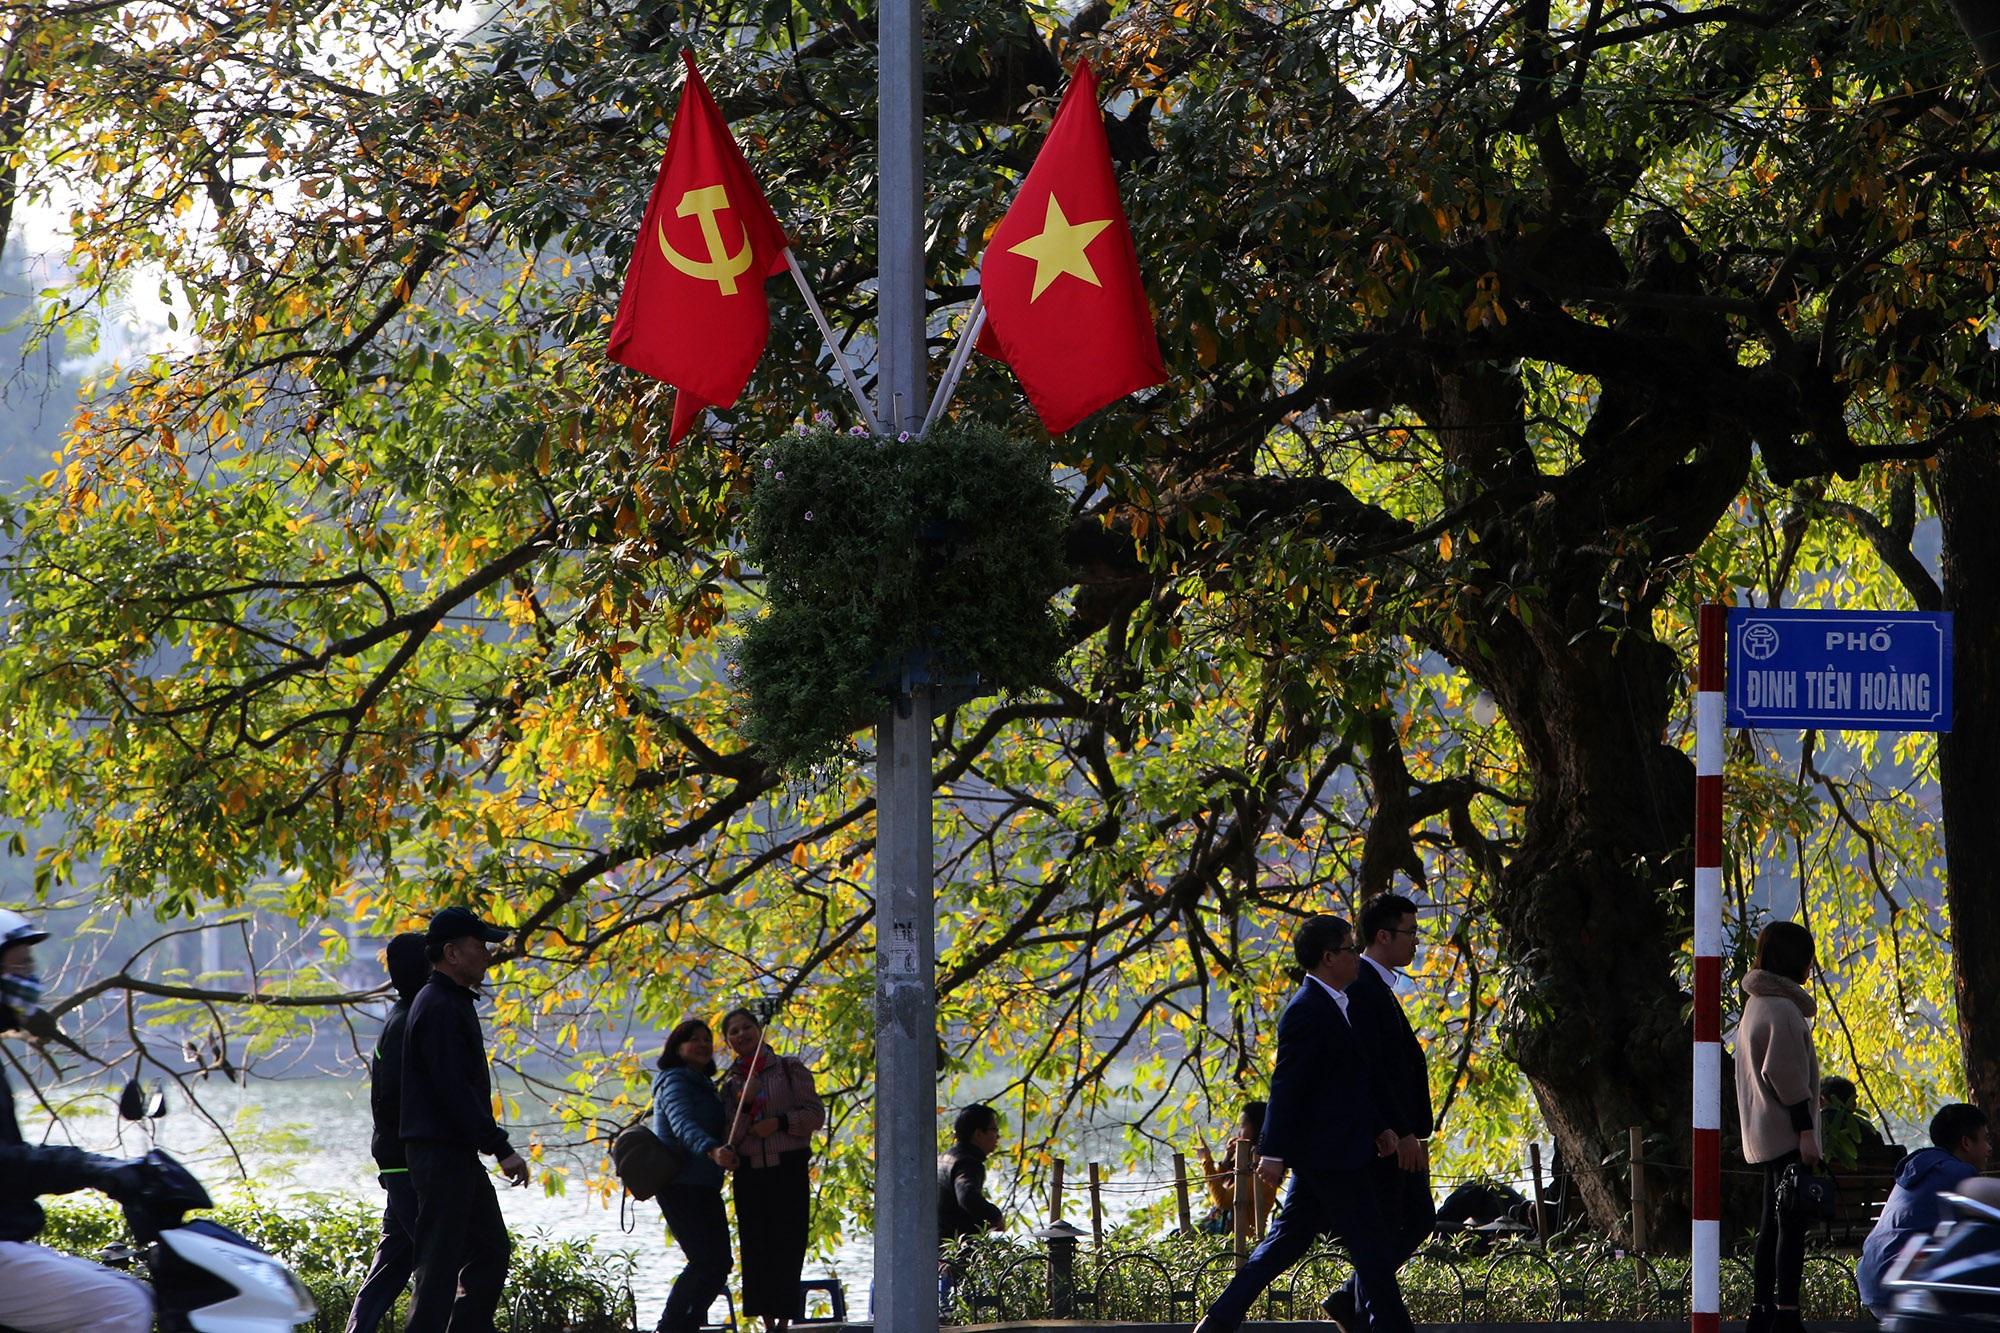 Hà Nội rực rỡ cờ, hoa mừng 90 năm Ngày thành lập Đảng - 2